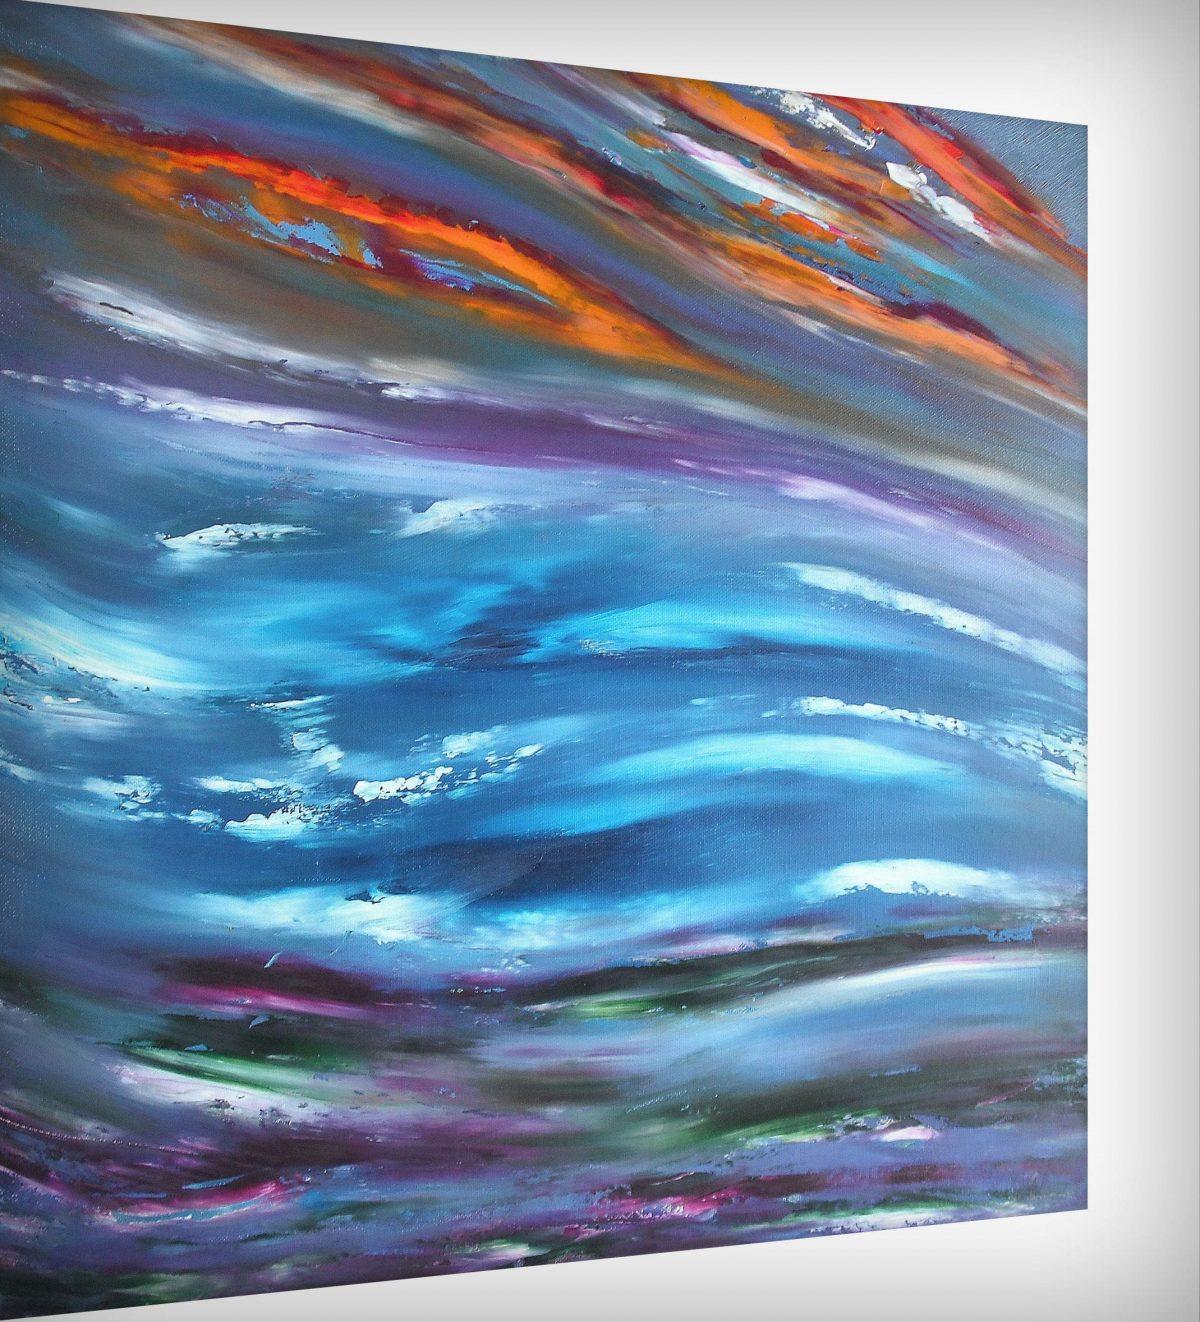 Dream 50x50 cm 09 quadro moderno-min